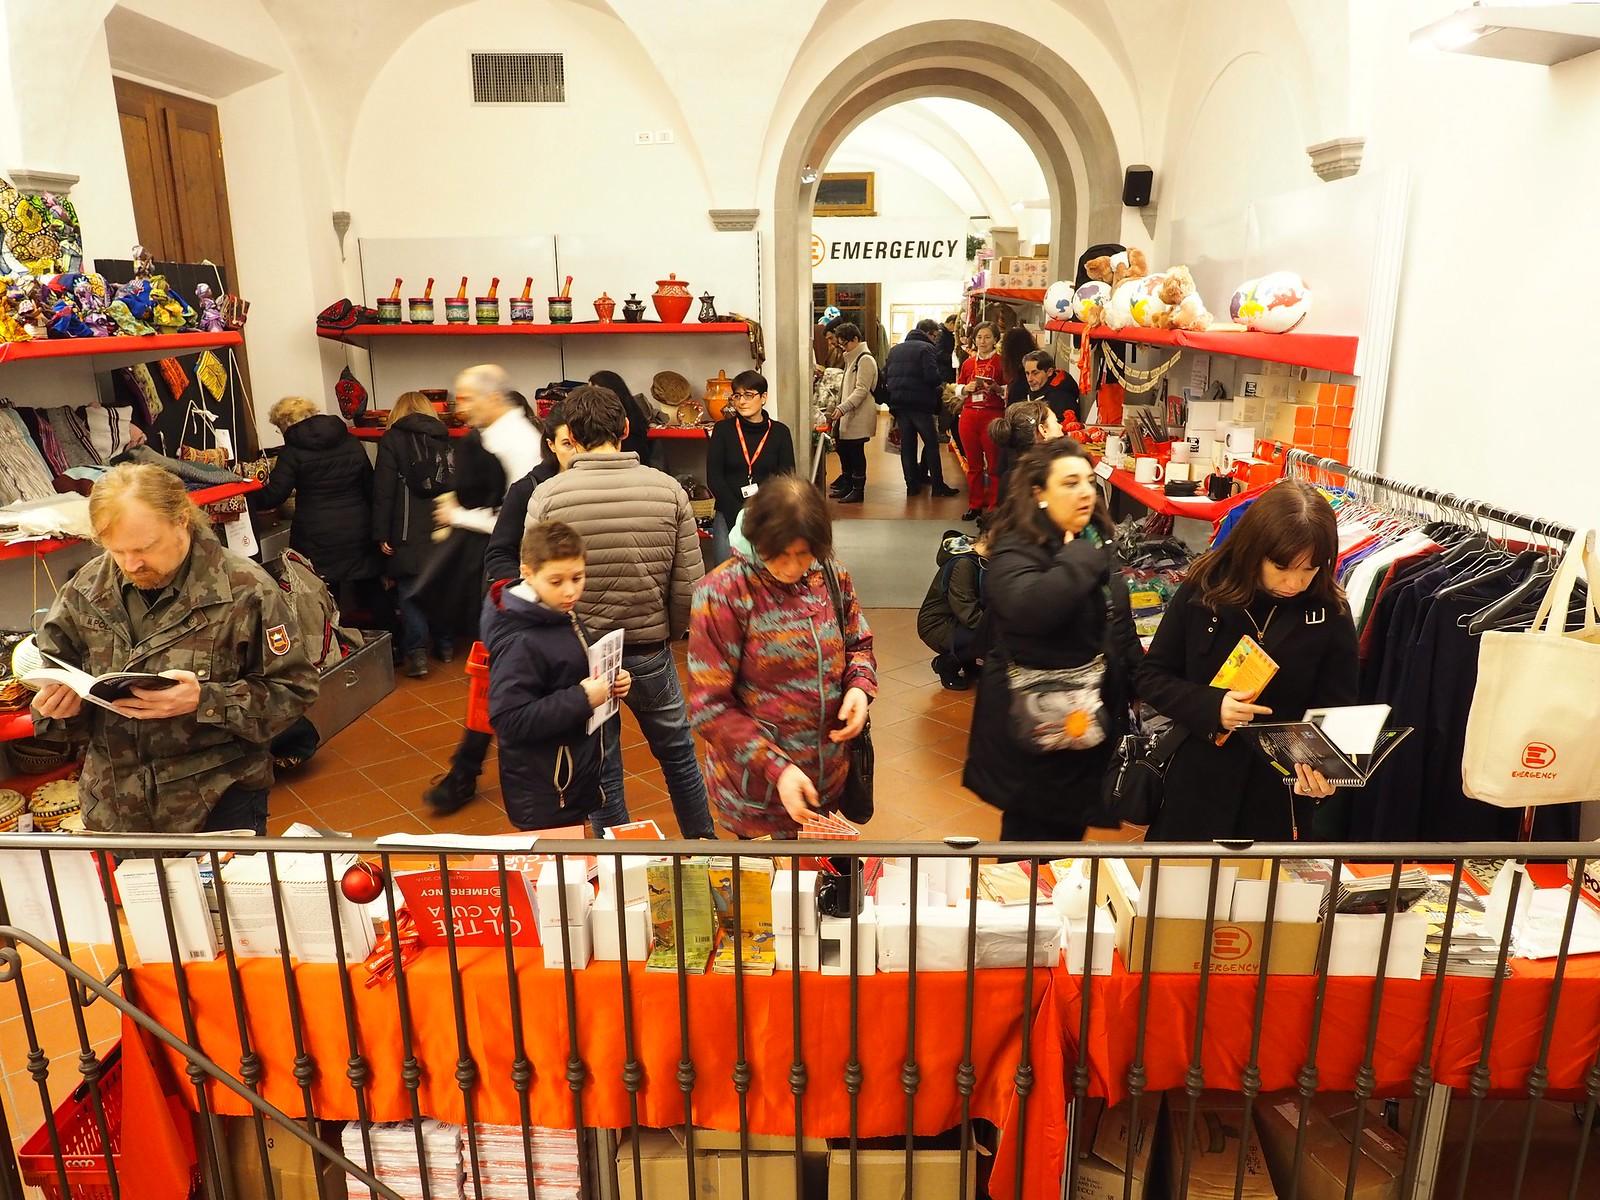 Foto tratta dalla pagina Flickr di Emergency Firenze